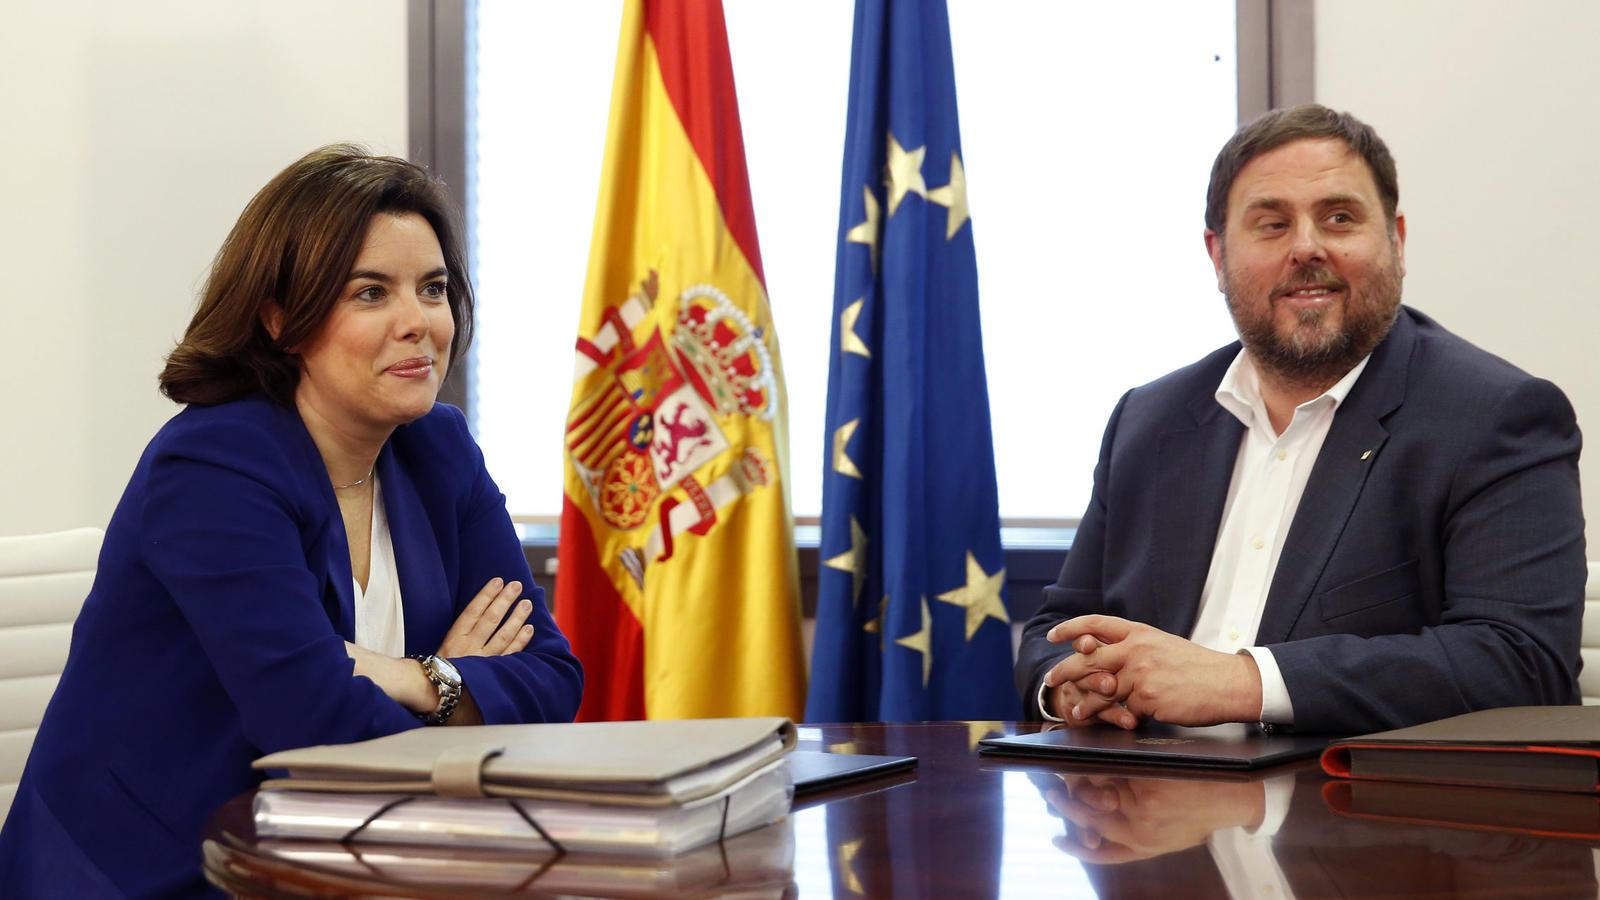 Soraya Sáenz de Santamaría y Oriol Junqueras. (Foto: EFE)